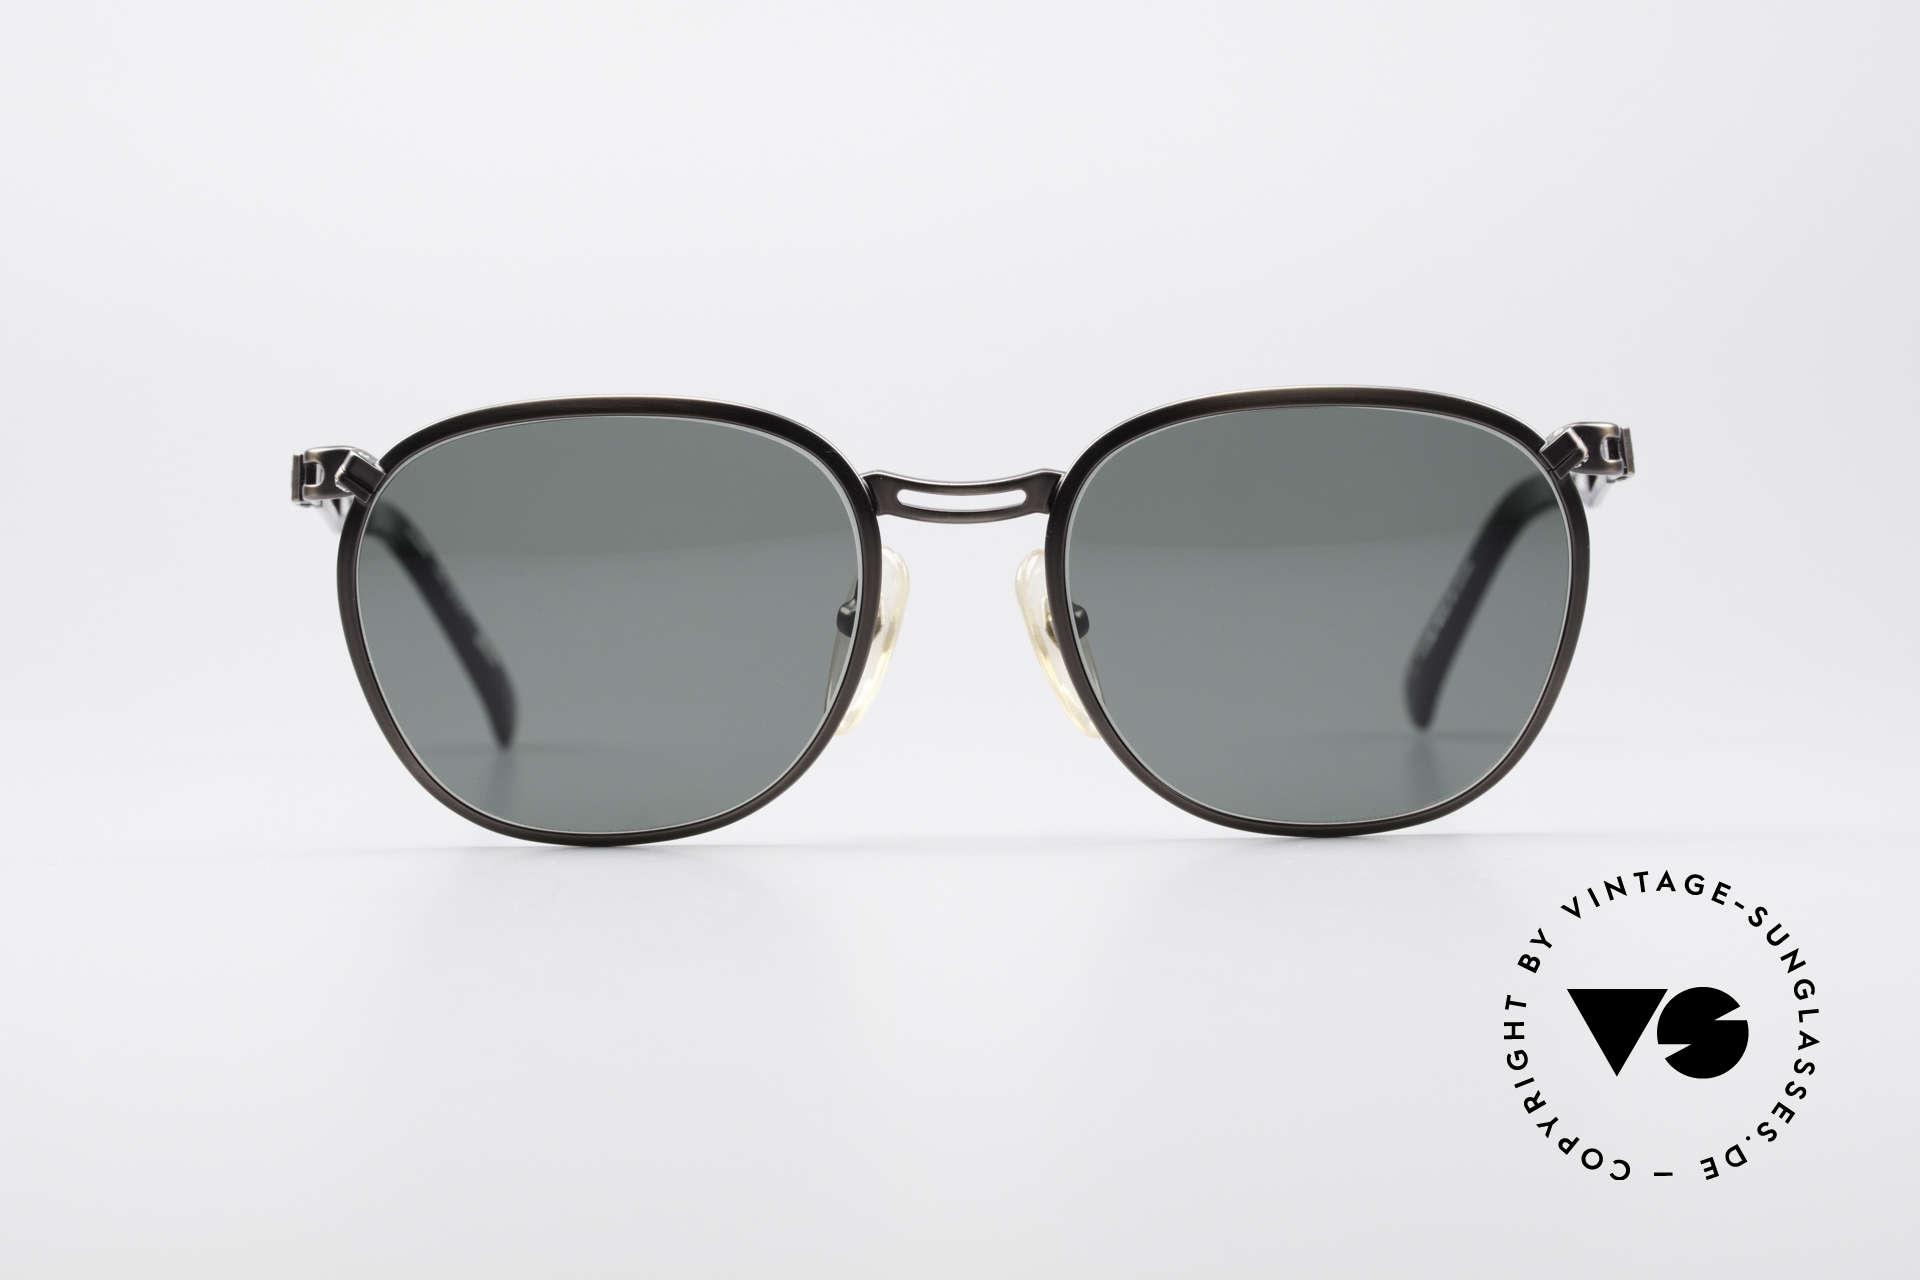 Jean Paul Gaultier 56-2177 Rare Designer Sonnenbrille, ungewöhnlich schlichtes Design vom Exzentriker JPG, Passend für Herren und Damen